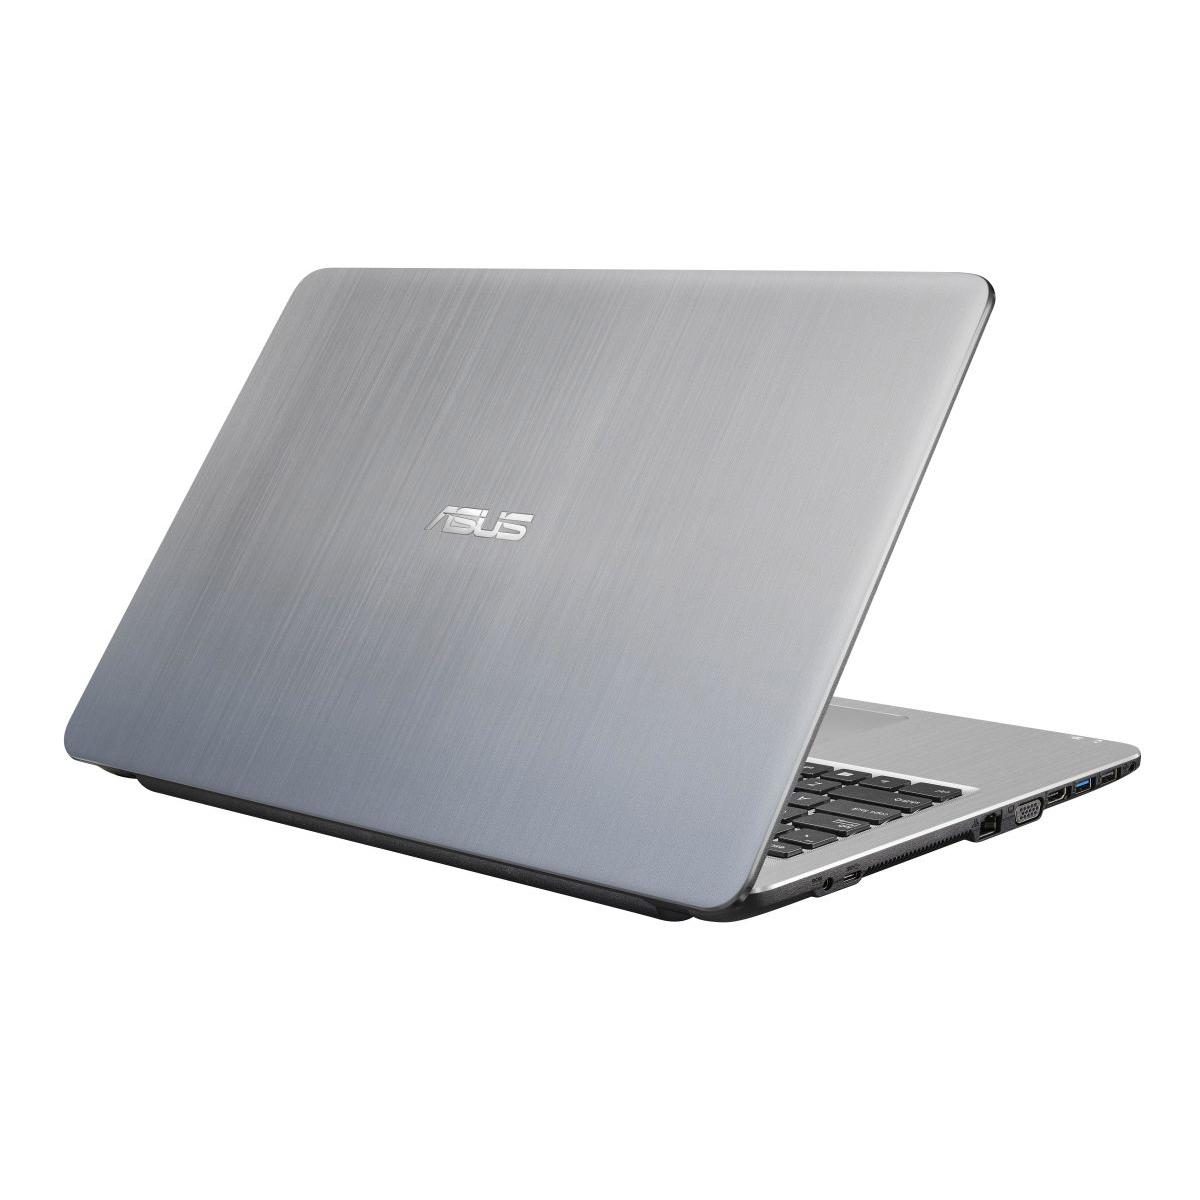 NOTEBOOK ASUS F504UA-GQ1795 I3 7020U 2.30GHz 3M 4G HD 1T VGA INTEL 15.6 SILVER ,Laptop Pc